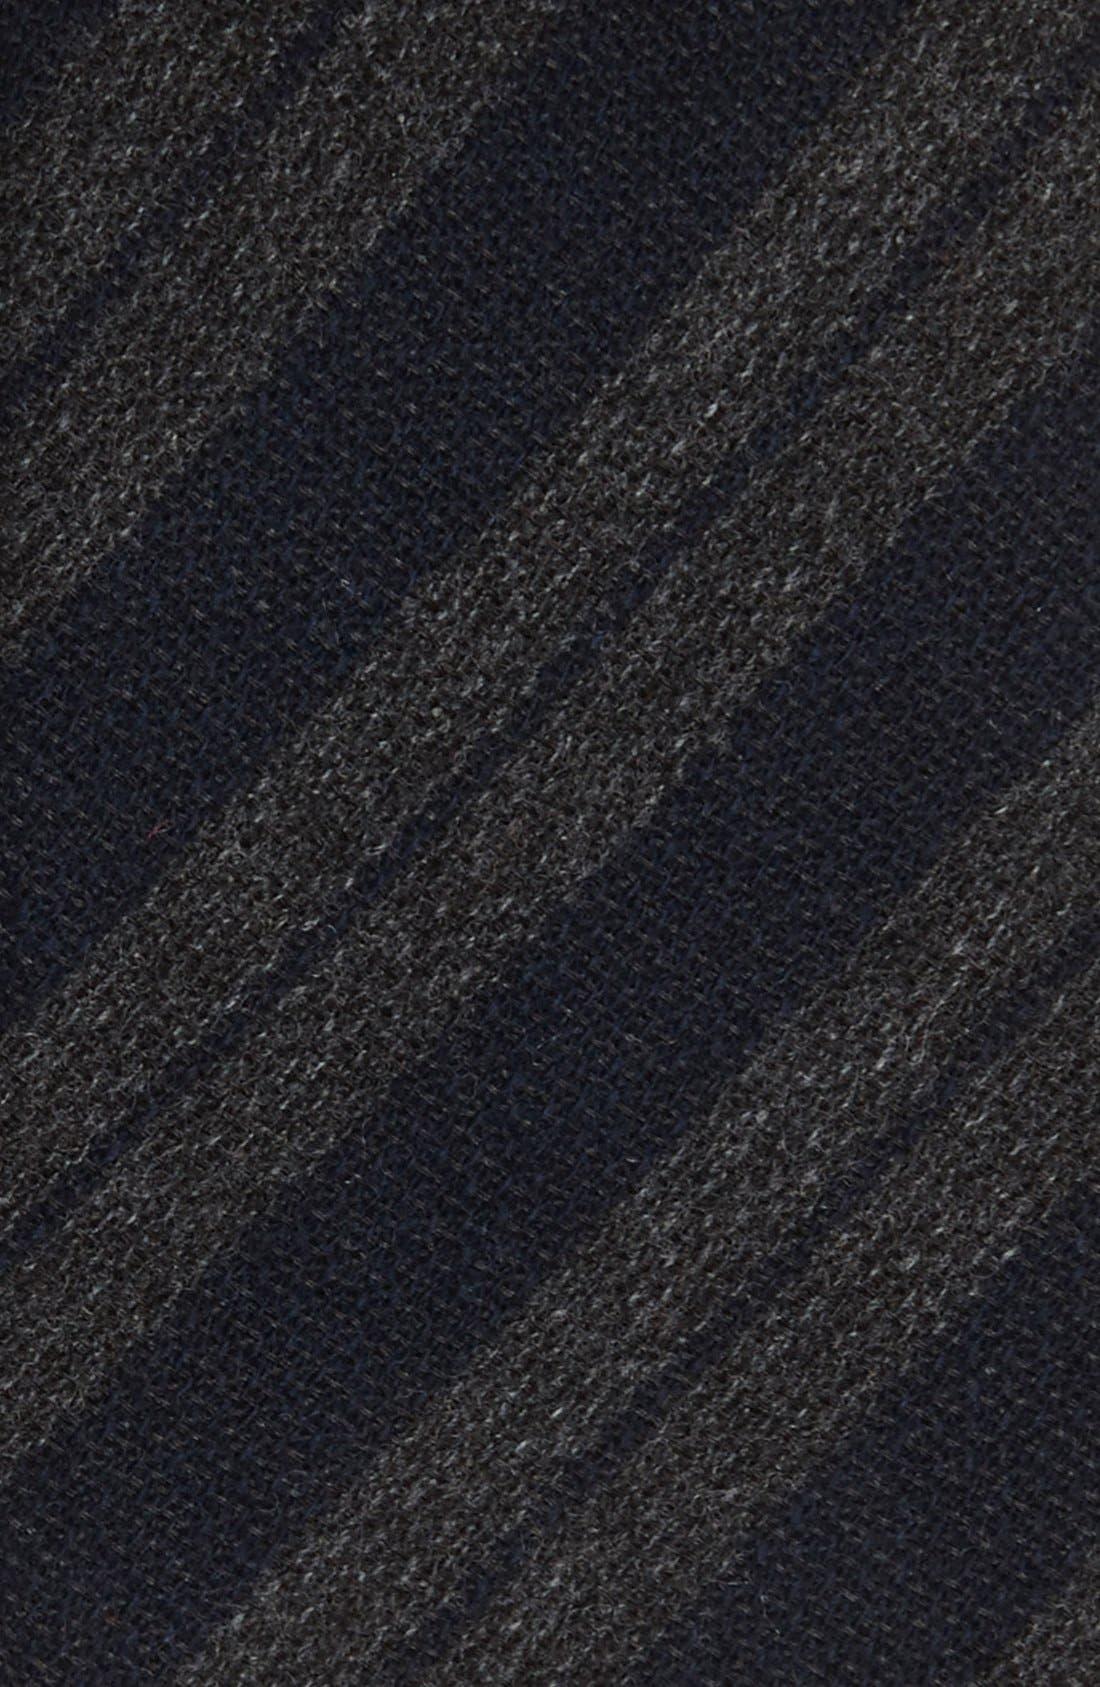 Alternate Image 2  - BOSS HUGO BOSS Woven Tie